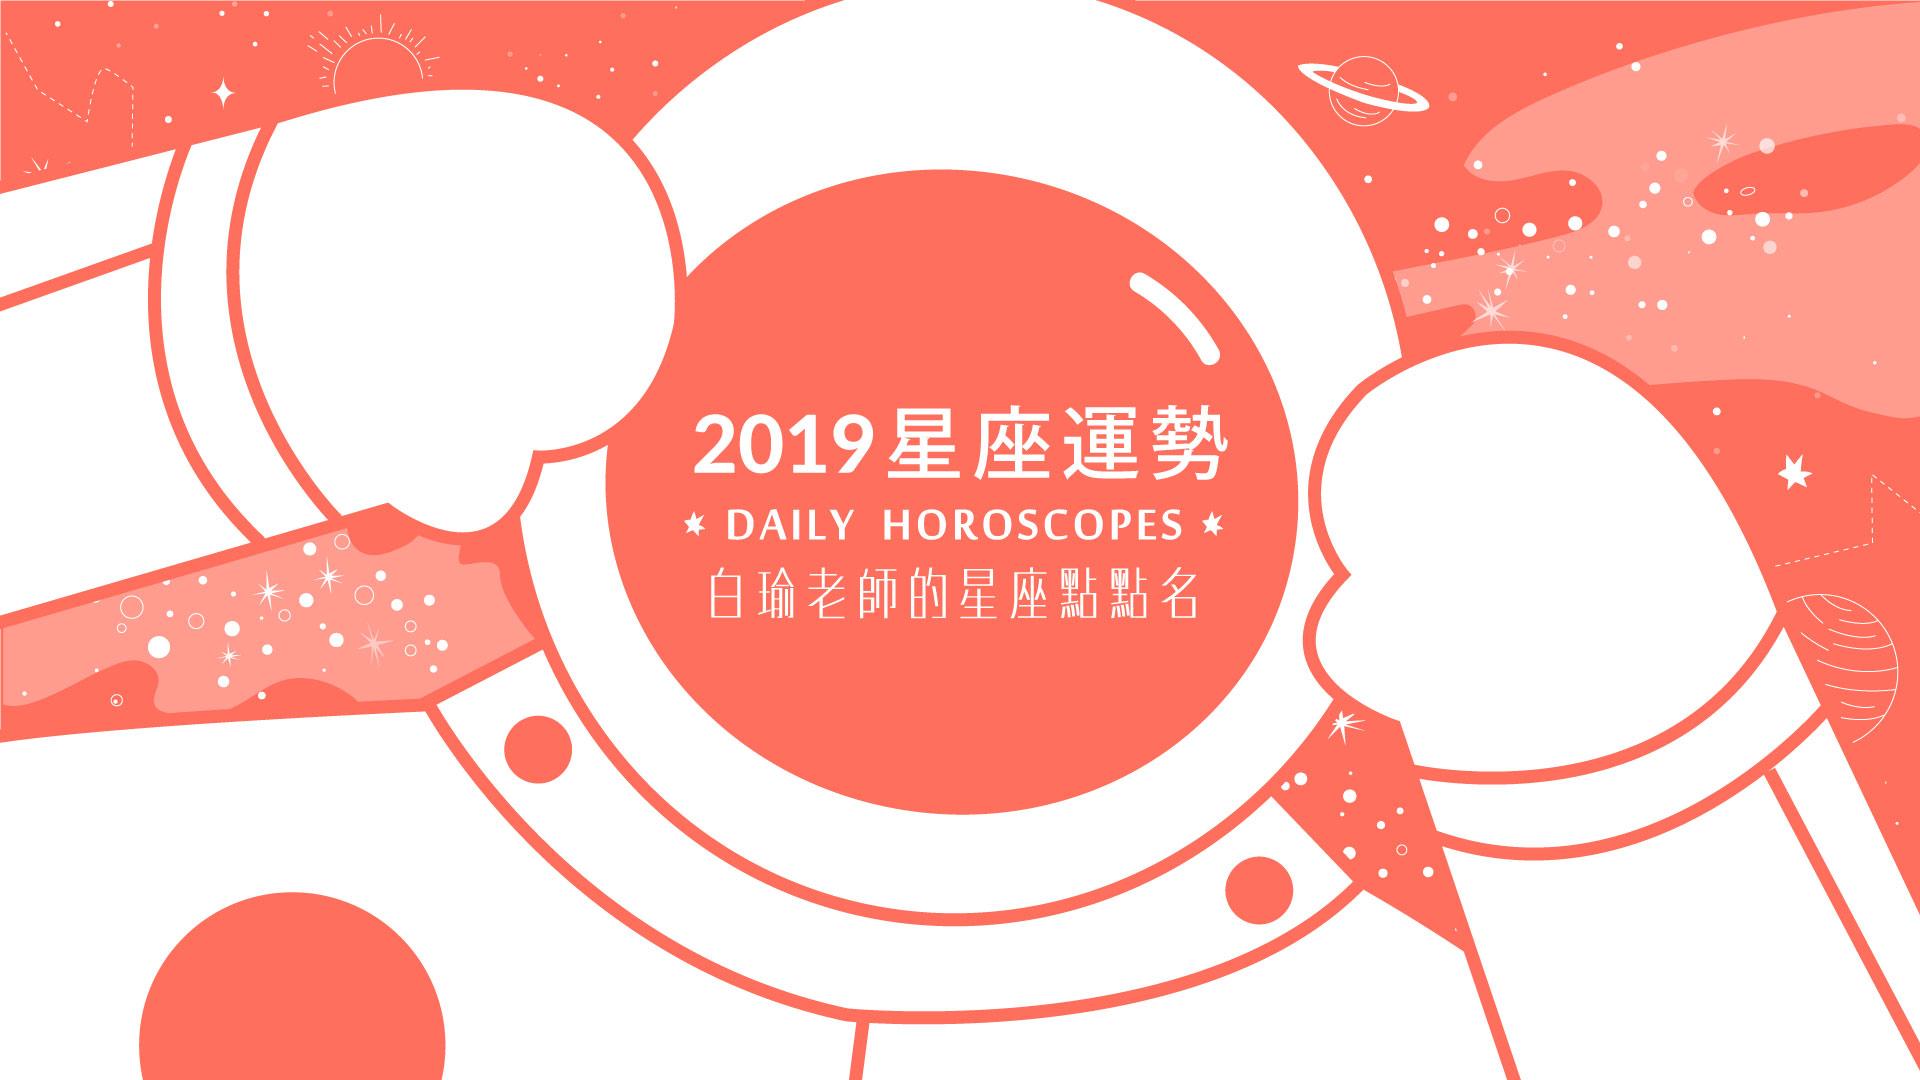 白瑜老師的2019星座整體運勢:有閃合、閃分,也有突飛猛進的發展